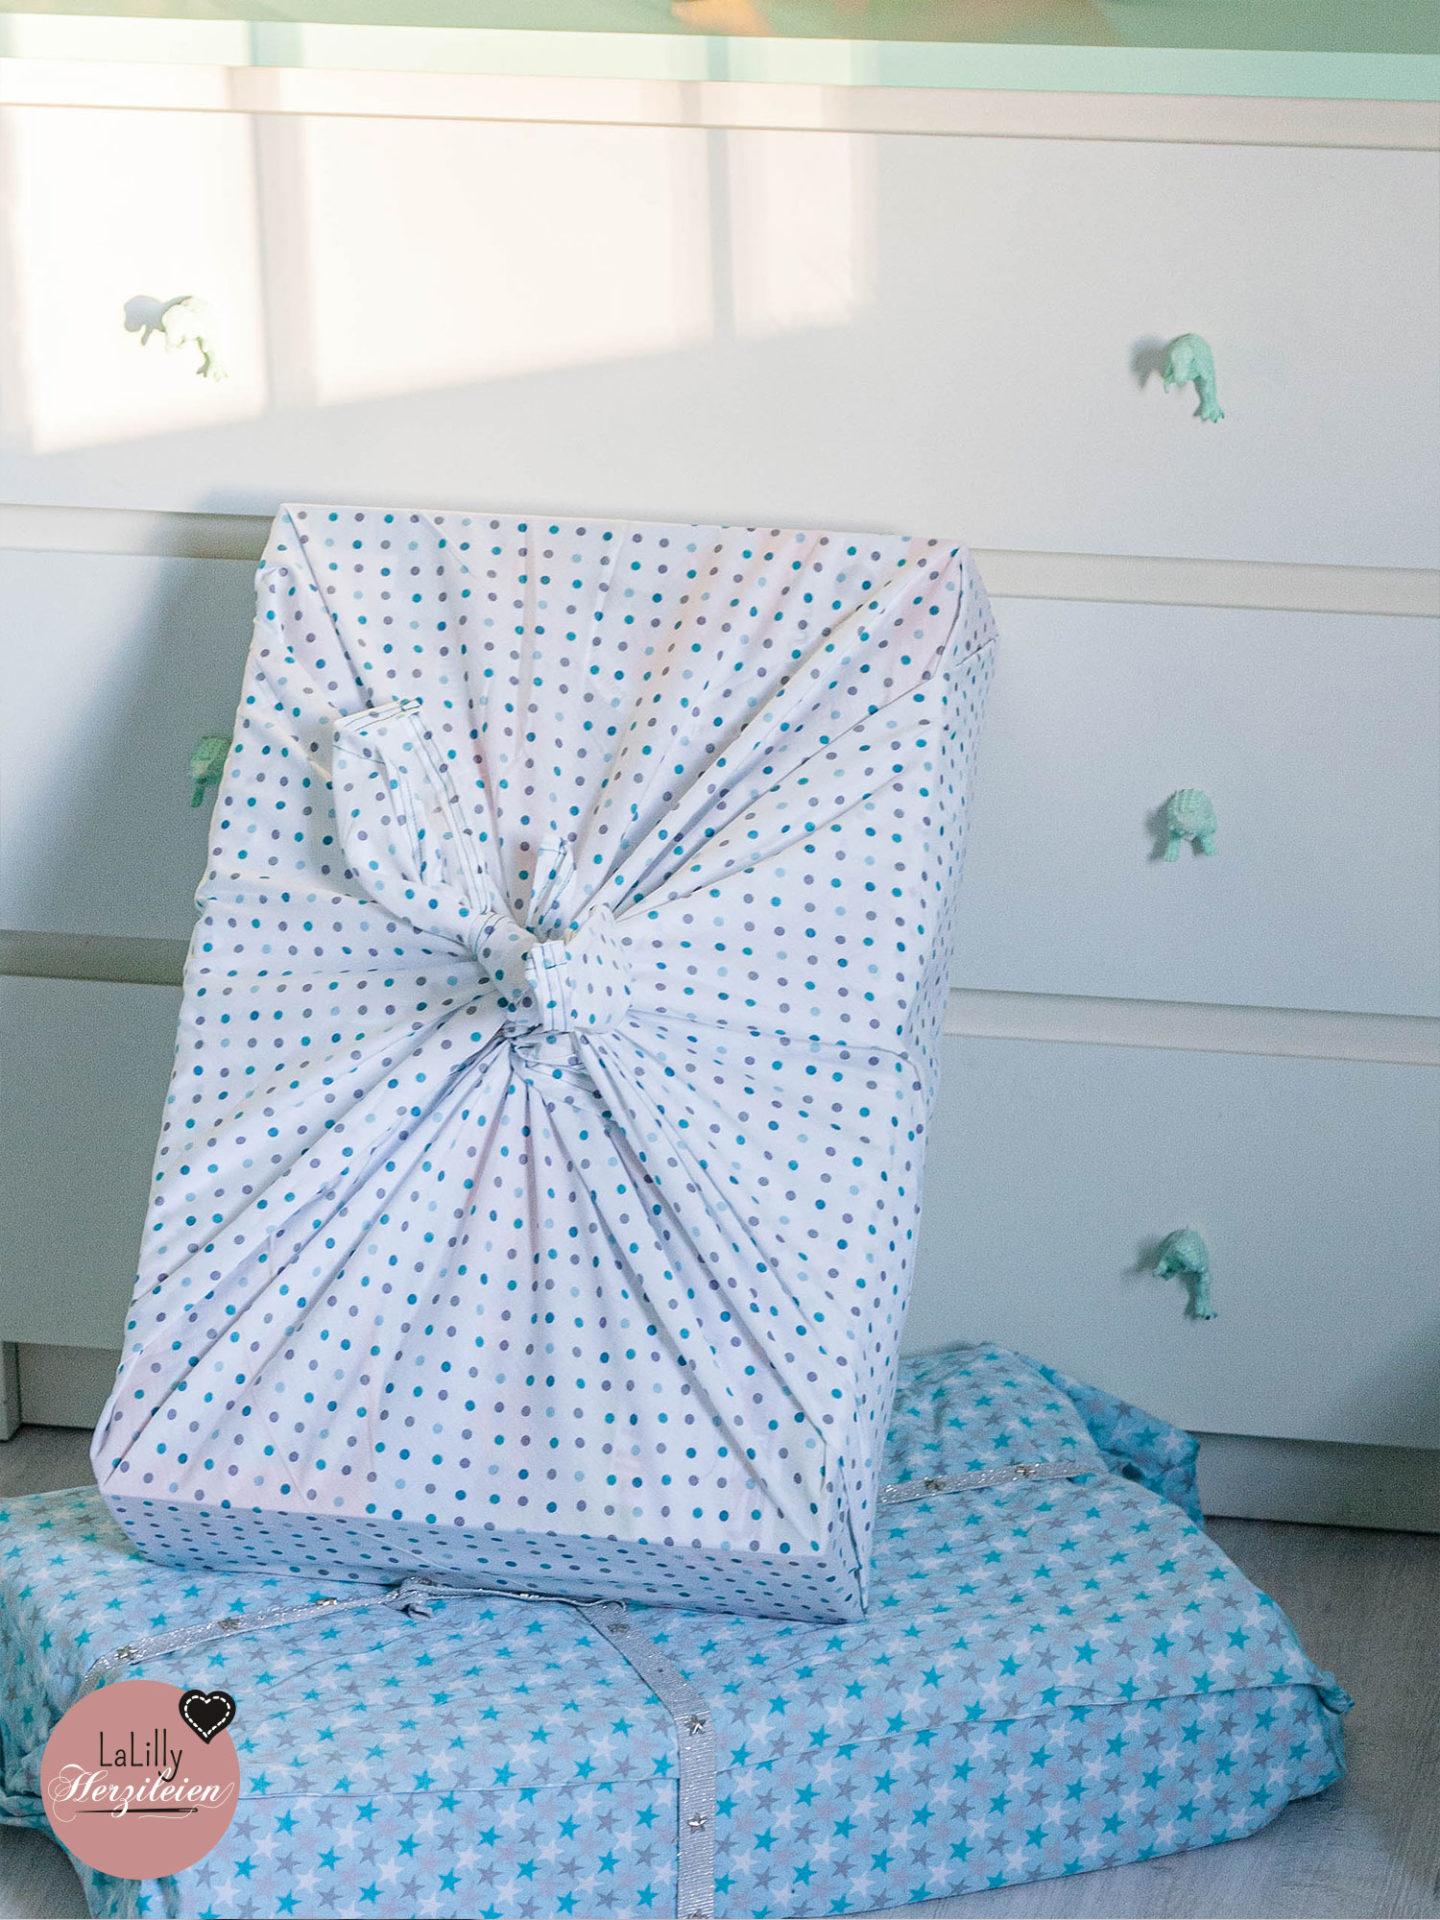 Anzeige: Mit der japanischen Furoshiki-Technik kannst du Geschenke nachhaltig verpacken: Die Stofftücher können anschließend als Tischdecke, Tasche, Schal und vieles anderes verwendet werden! in meiner kostenlosen Anleitung erkläre ich dir die japanische Knotentechnik!